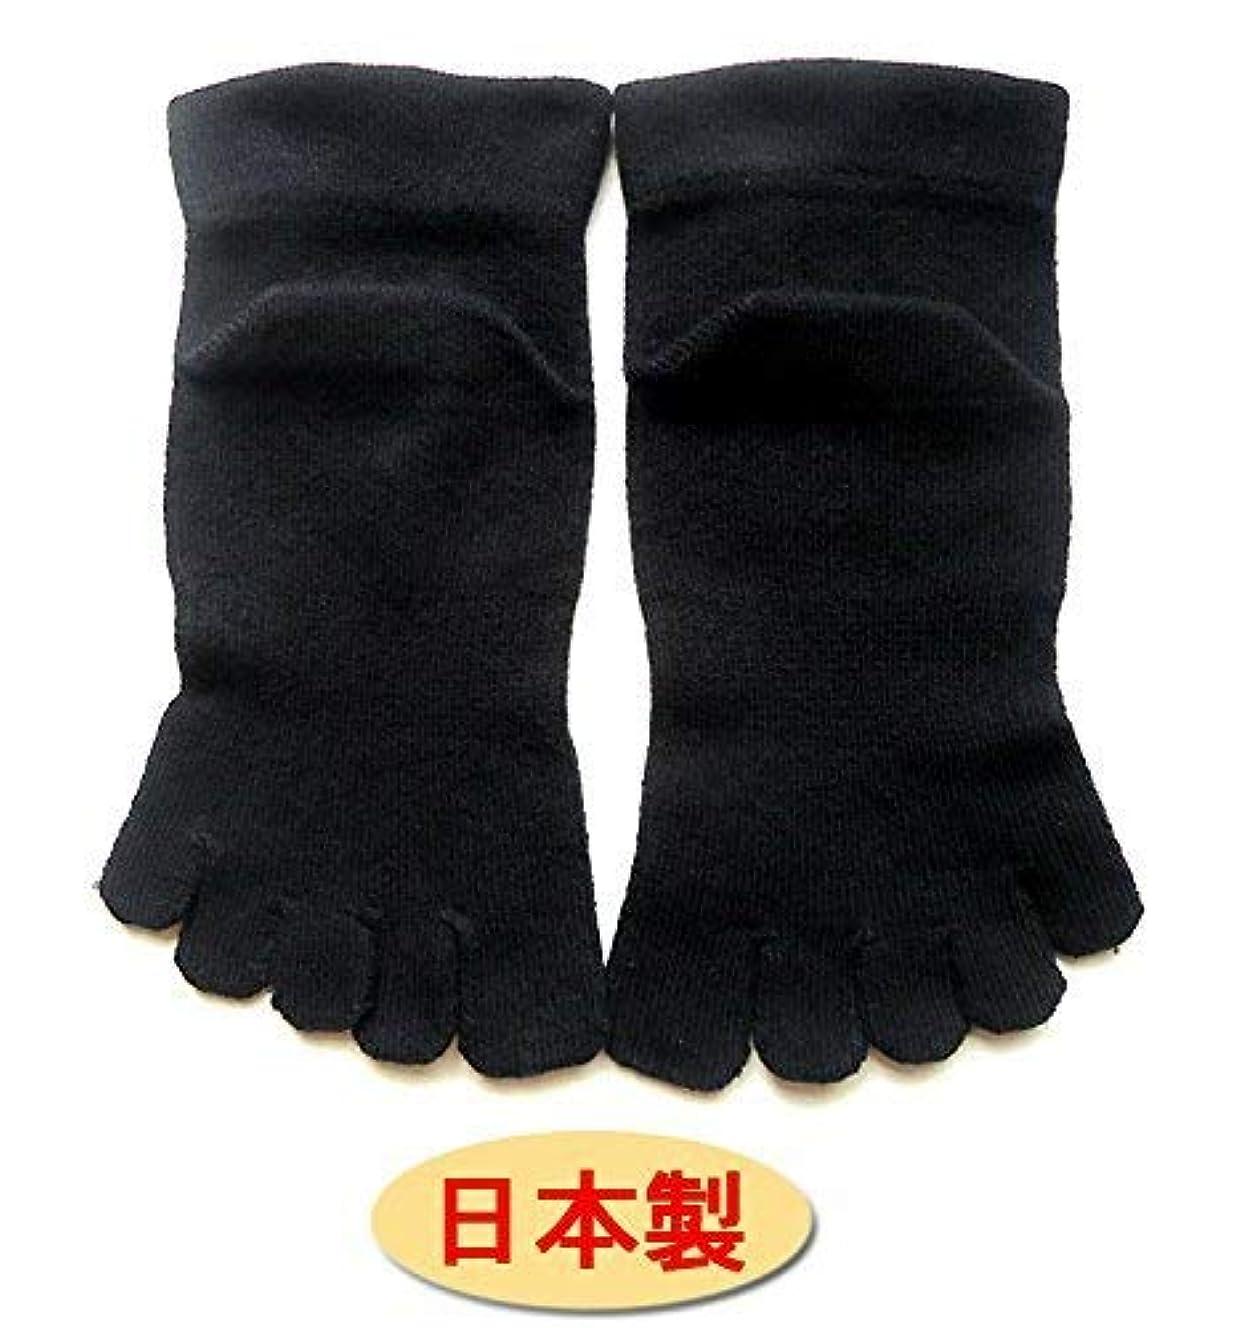 カタログ不機嫌そうな驚かす日本製 5本指ソックス レディース 爽やか表綿100% 口ゴムゆったり 22-24cm 3足組(黒色)